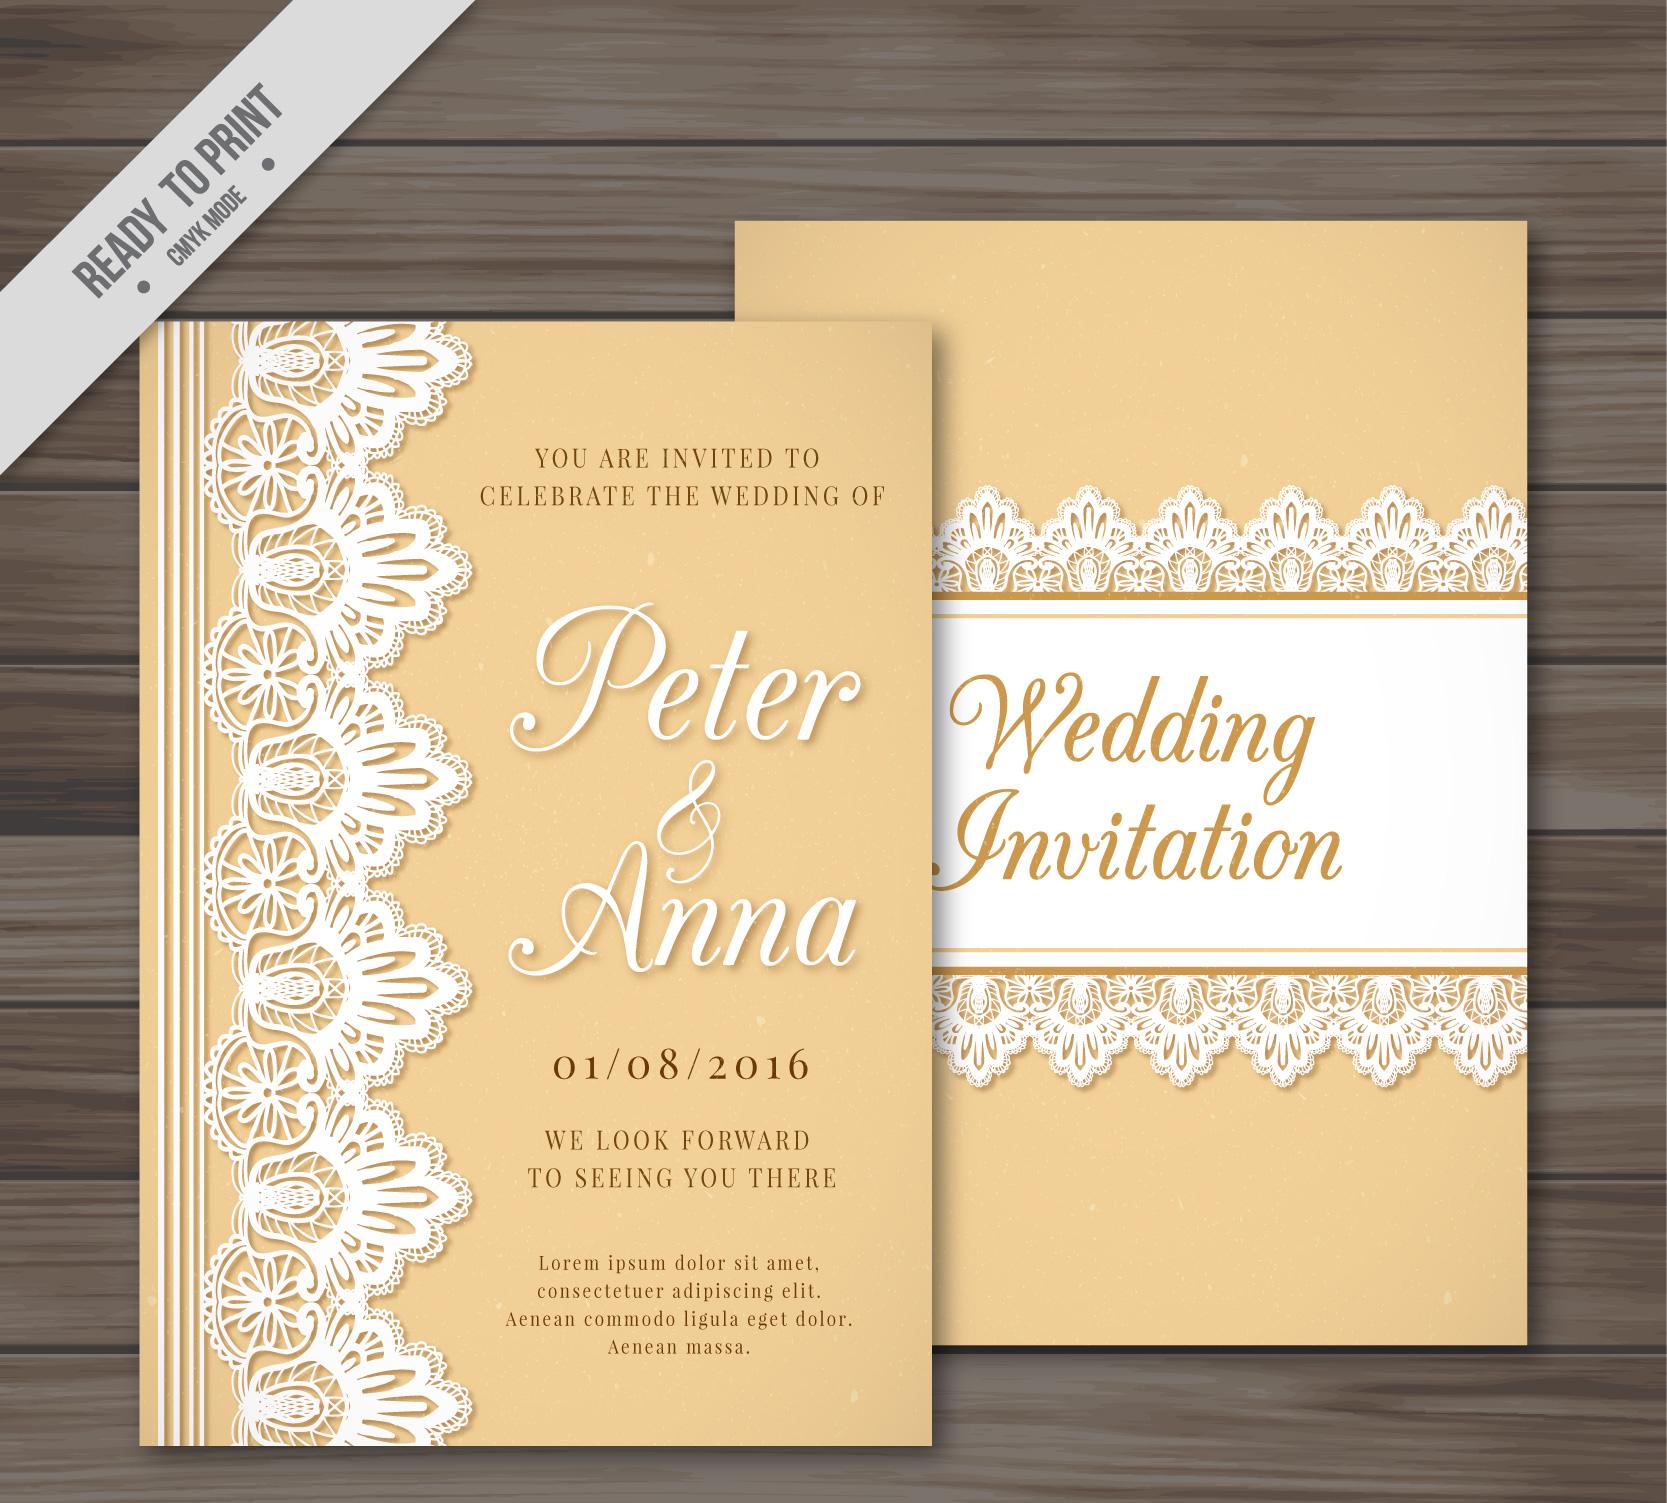 retro style lace design wedding invitation